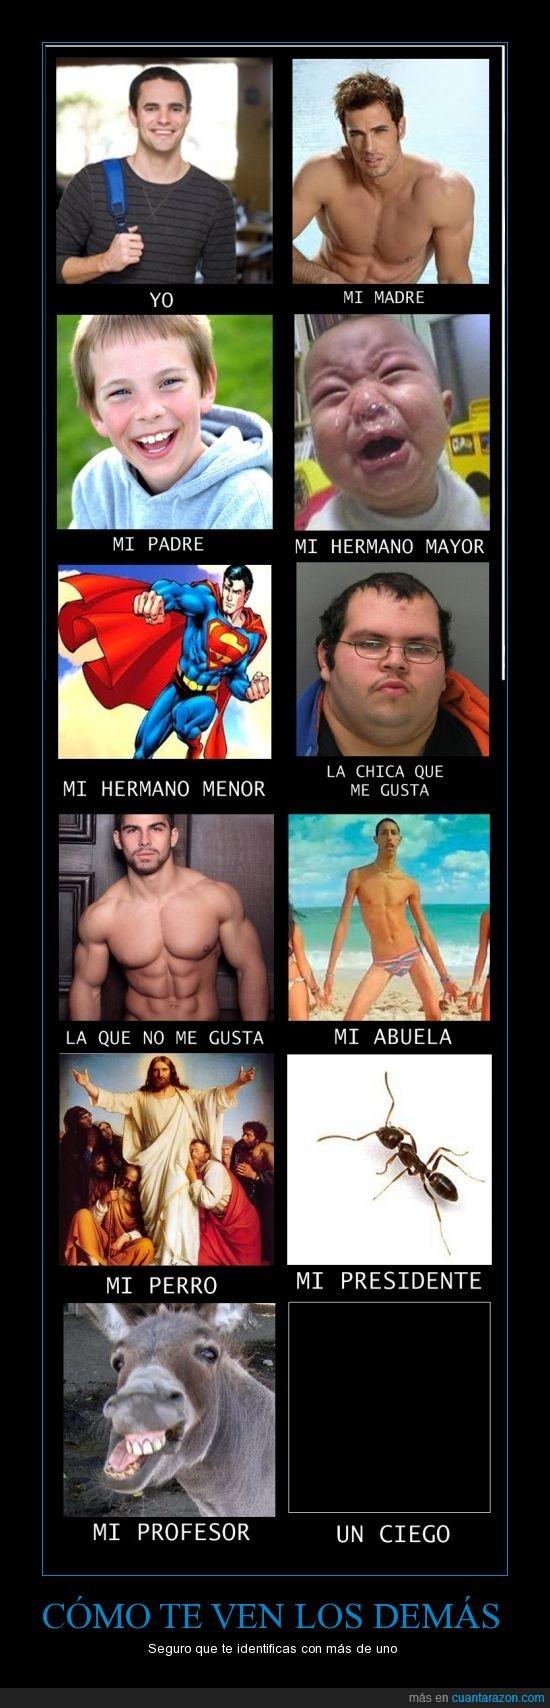 burro,cómo me ven,dios,feo,gordo,guapo,hermano,madre,padre,profesor